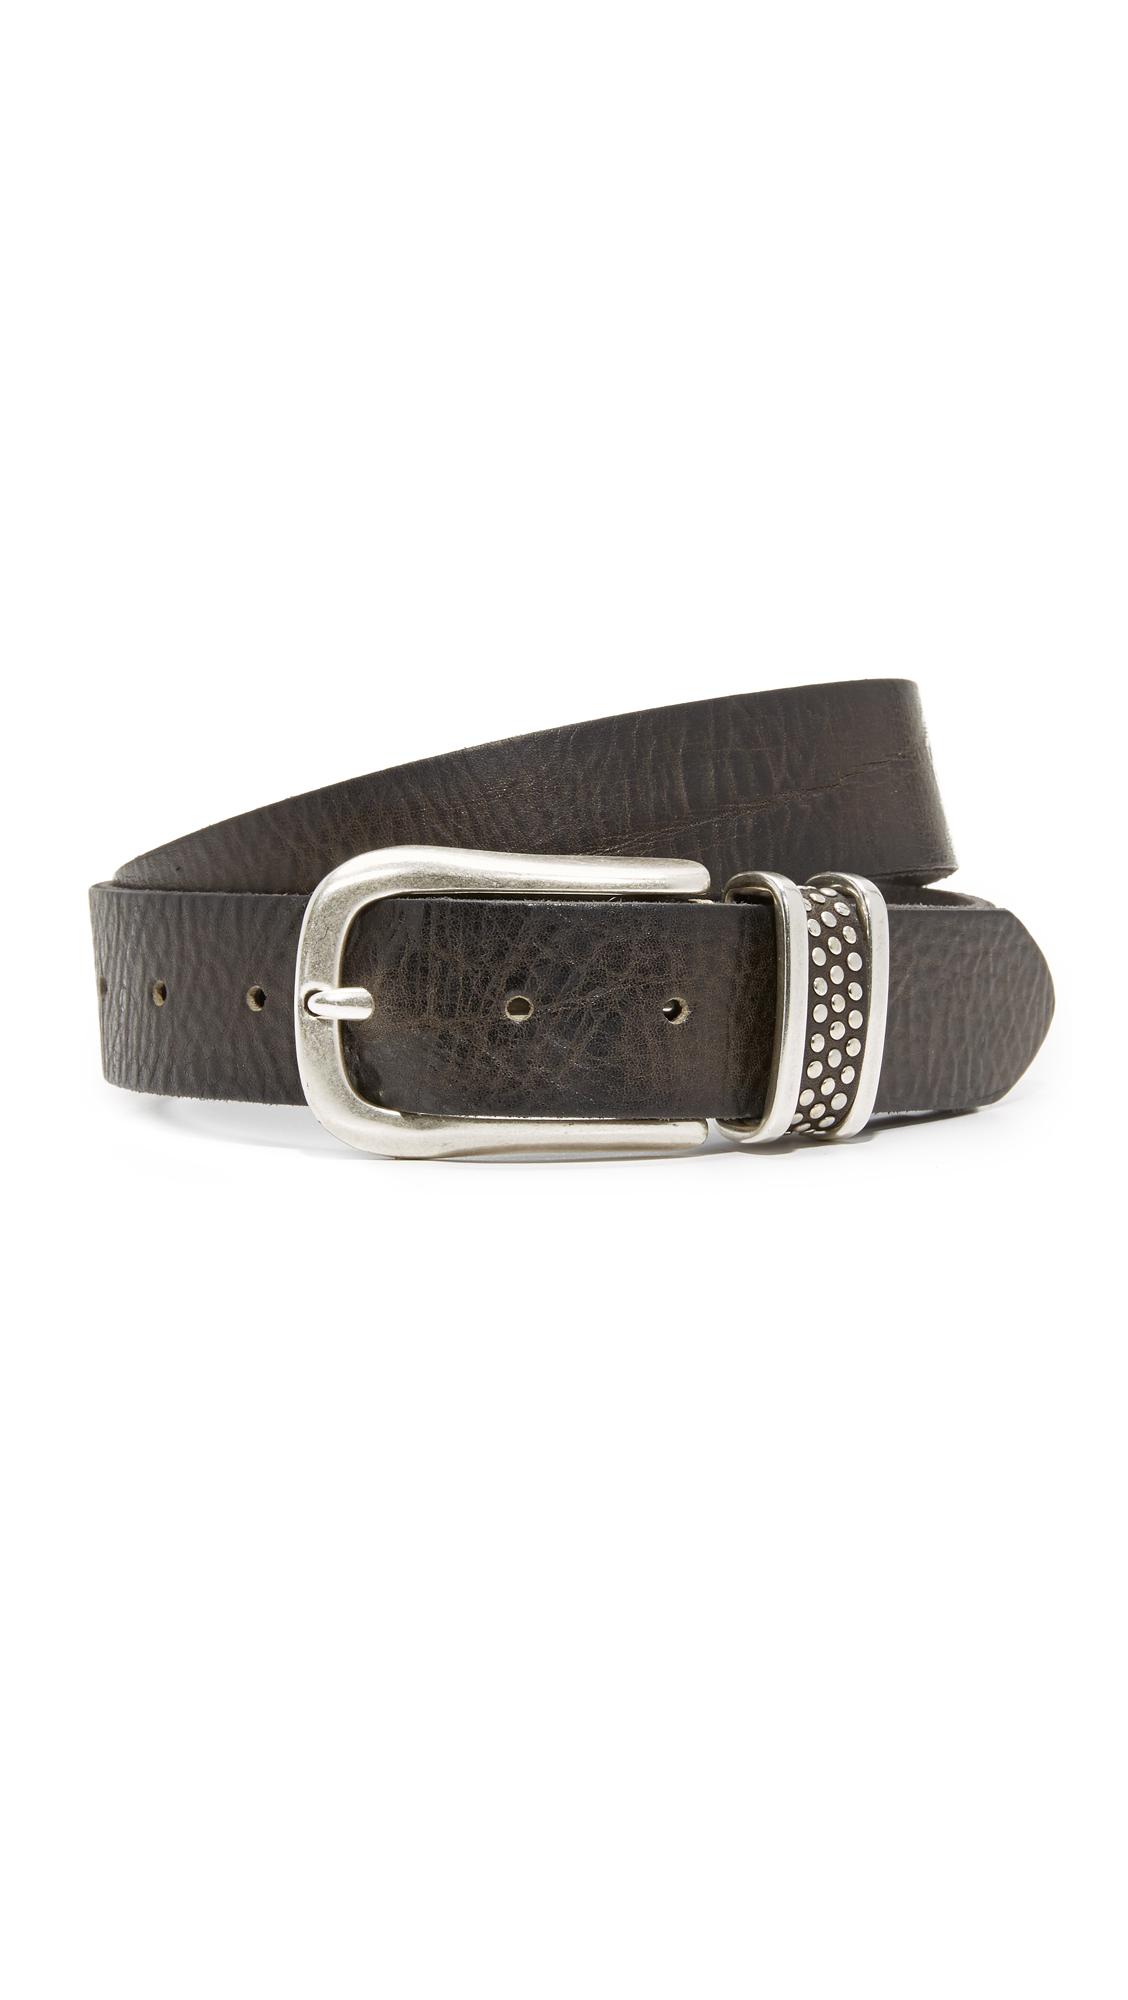 B. Belt Microstud Belt - Charcoal/Silver